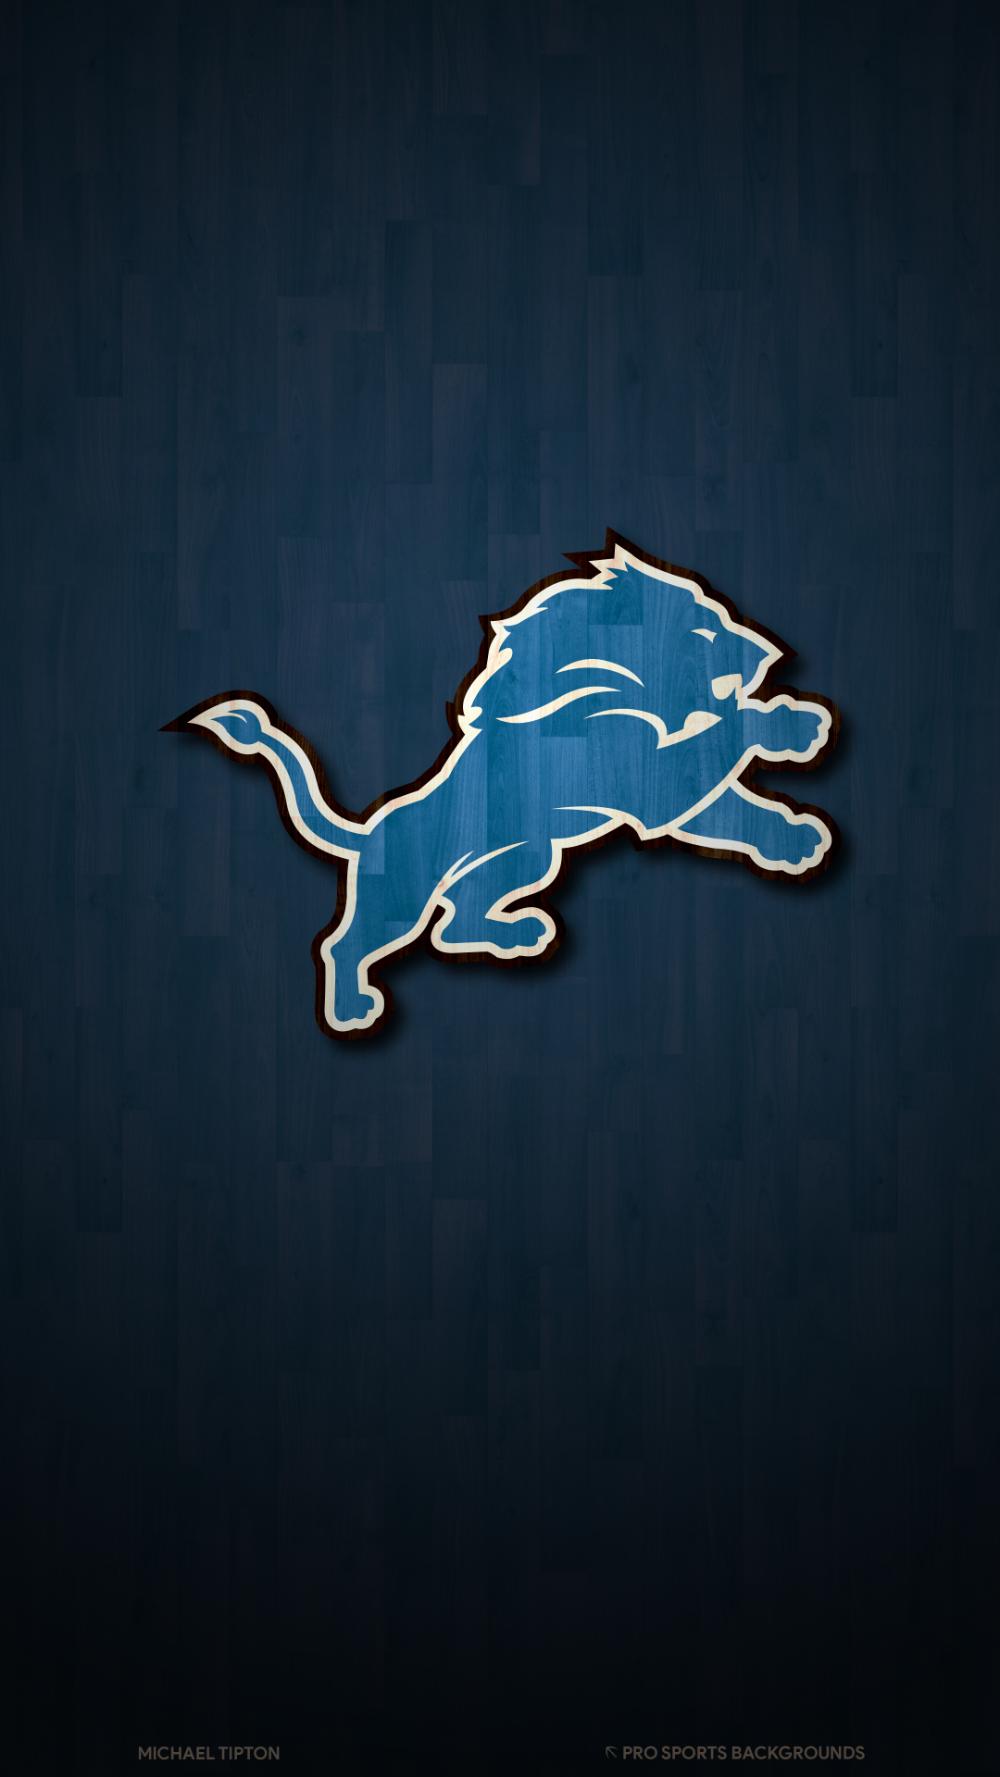 2019 Detroit Lions Wallpapers Pro Sports Backgrounds Detroit Lions Wallpaper Detroit Lions Logo Detroit Lions